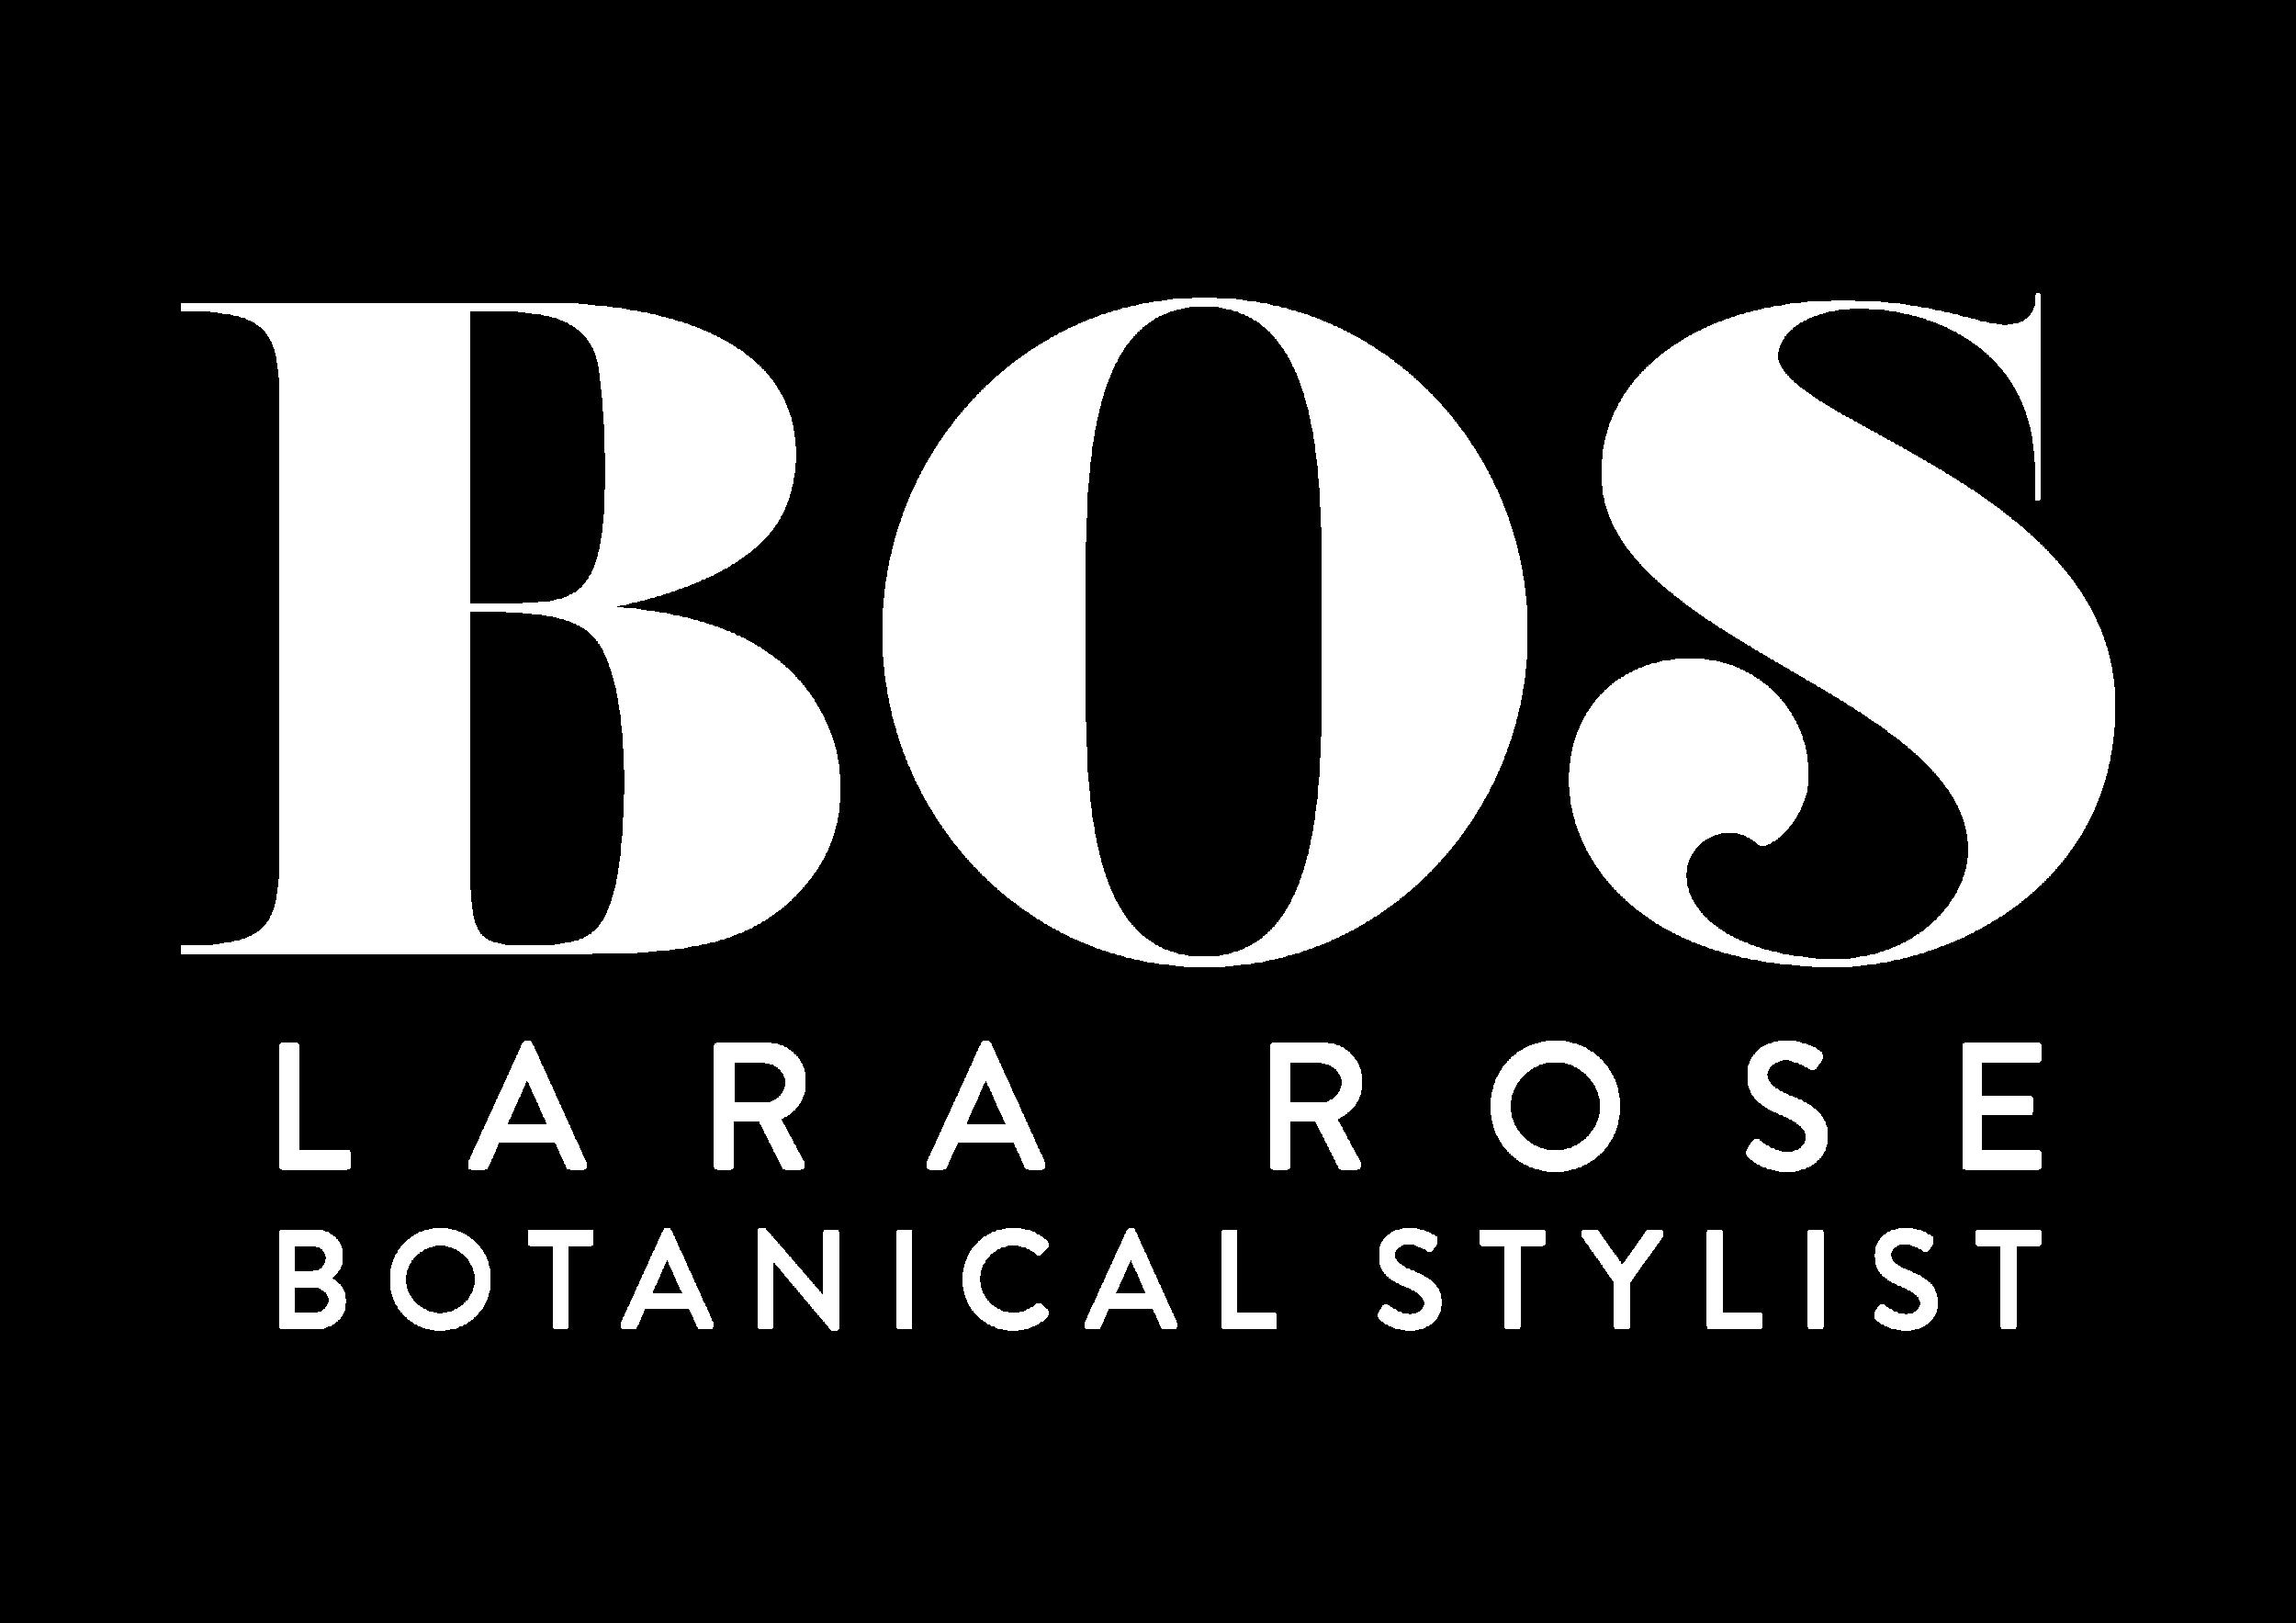 Bos_Lara_logo-03.png